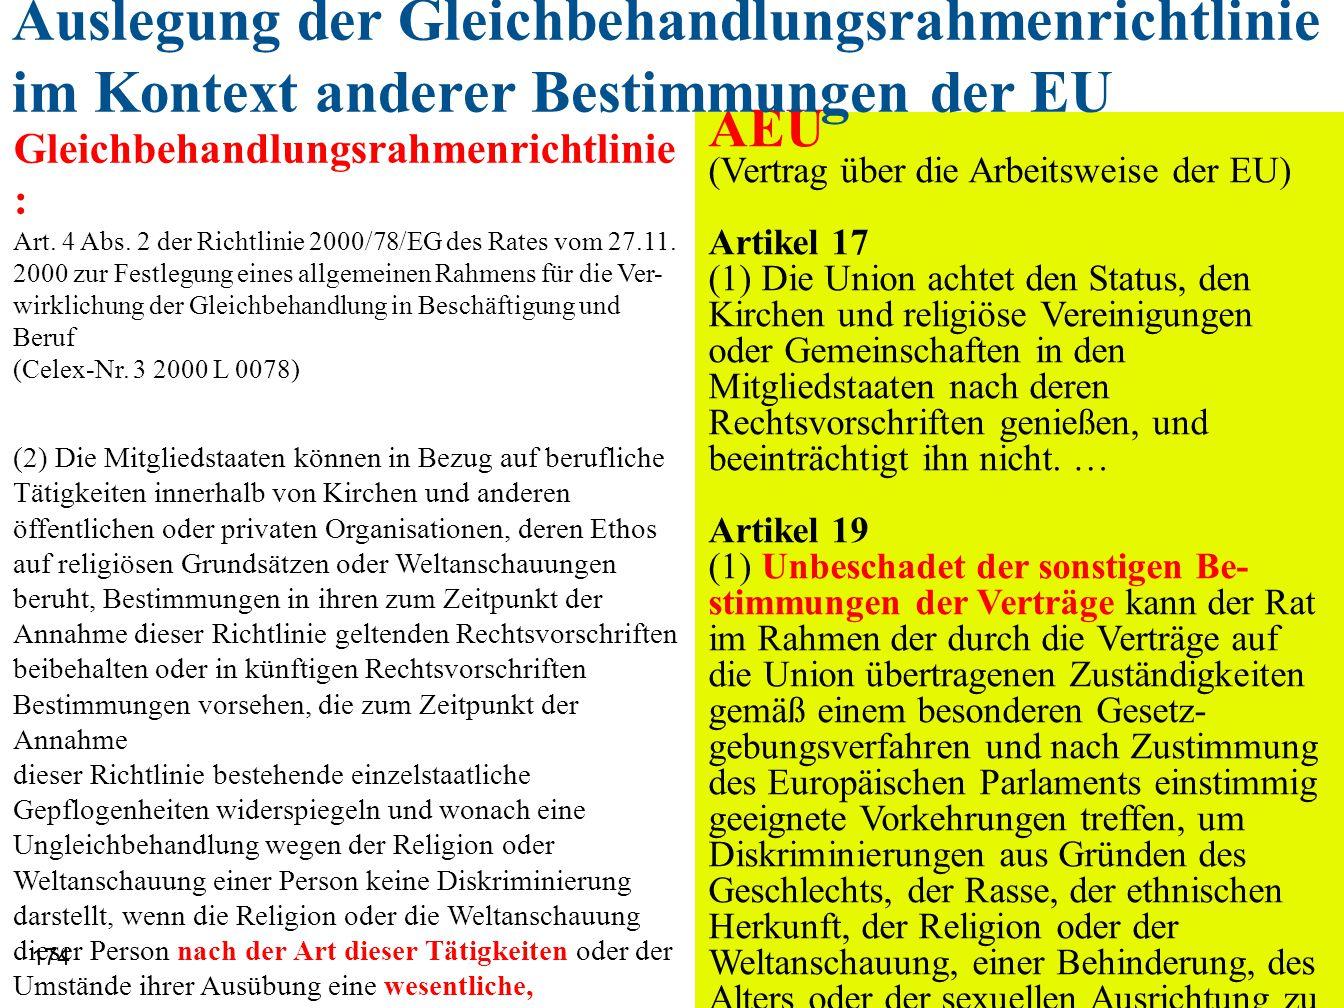 174 AEU (Vertrag über die Arbeitsweise der EU) Artikel 17 (1) Die Union achtet den Status, den Kirchen und religiöse Vereinigungen oder Gemeinschaften